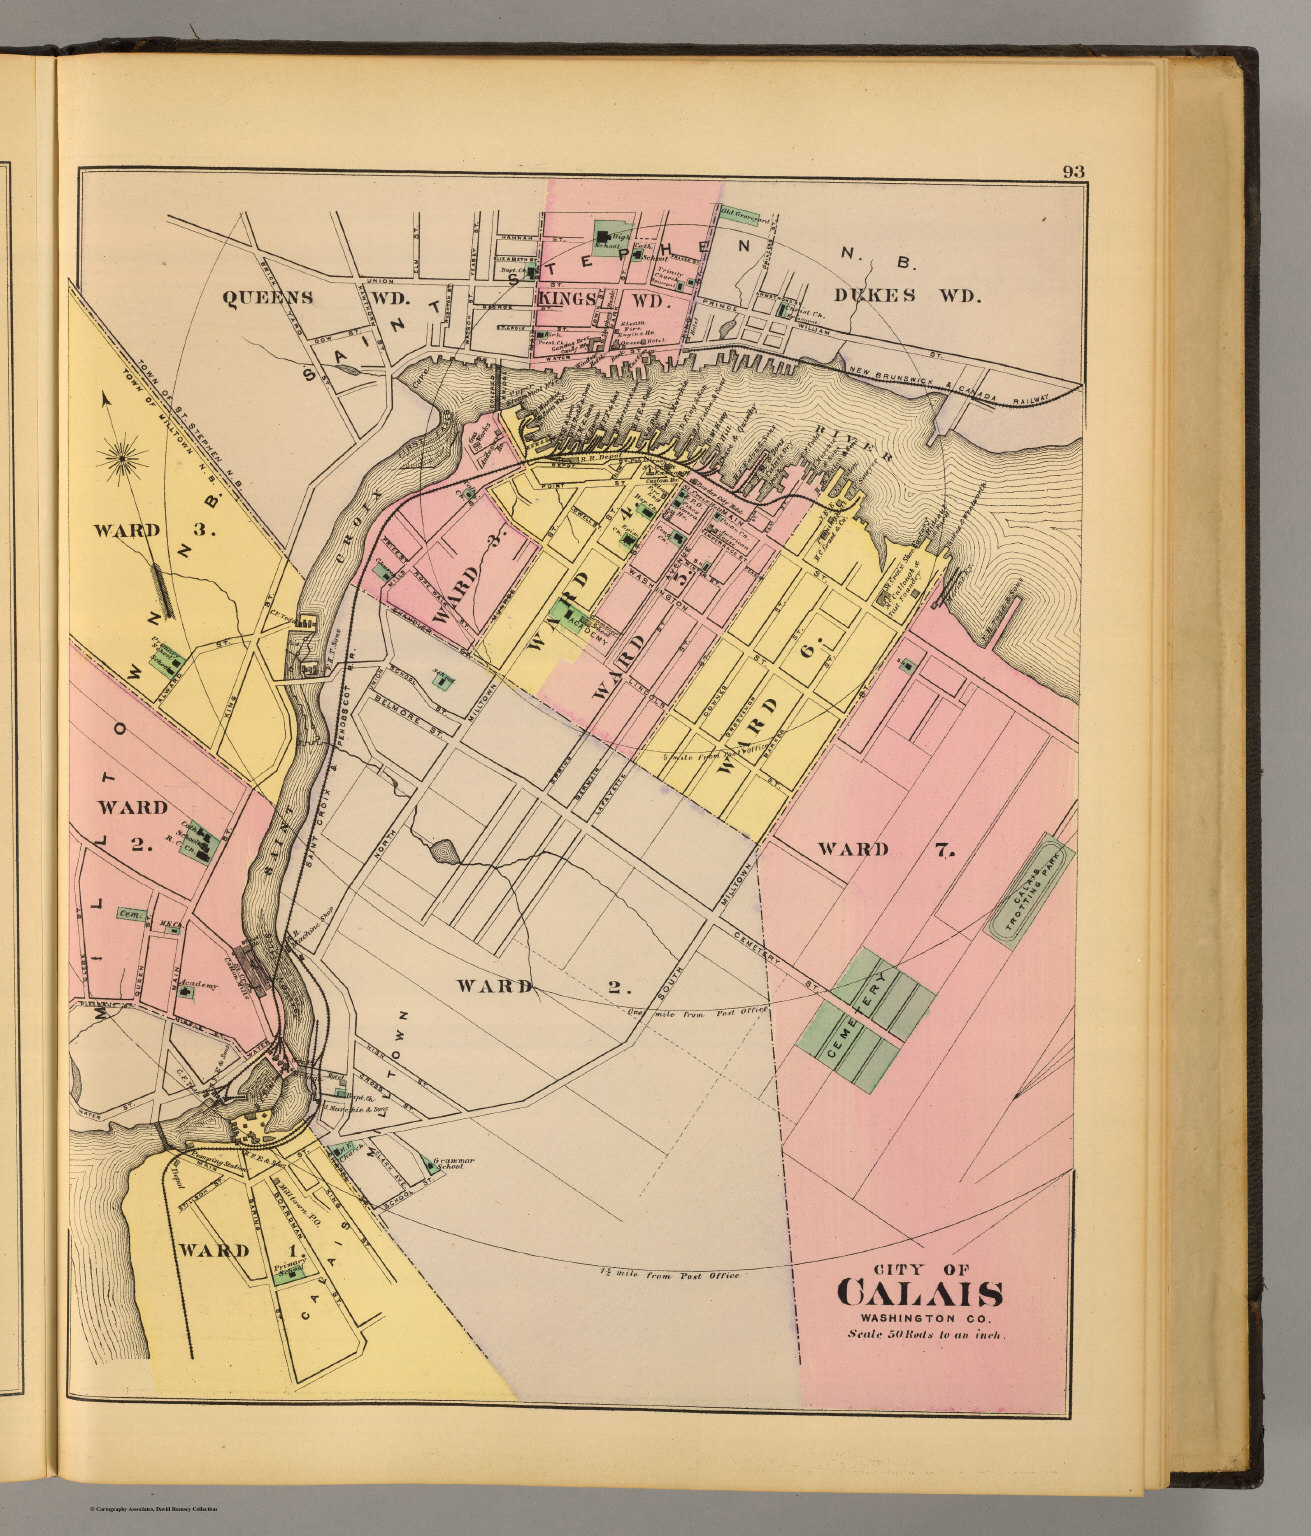 Calais Washington Co David Rumsey Historical Map Collection